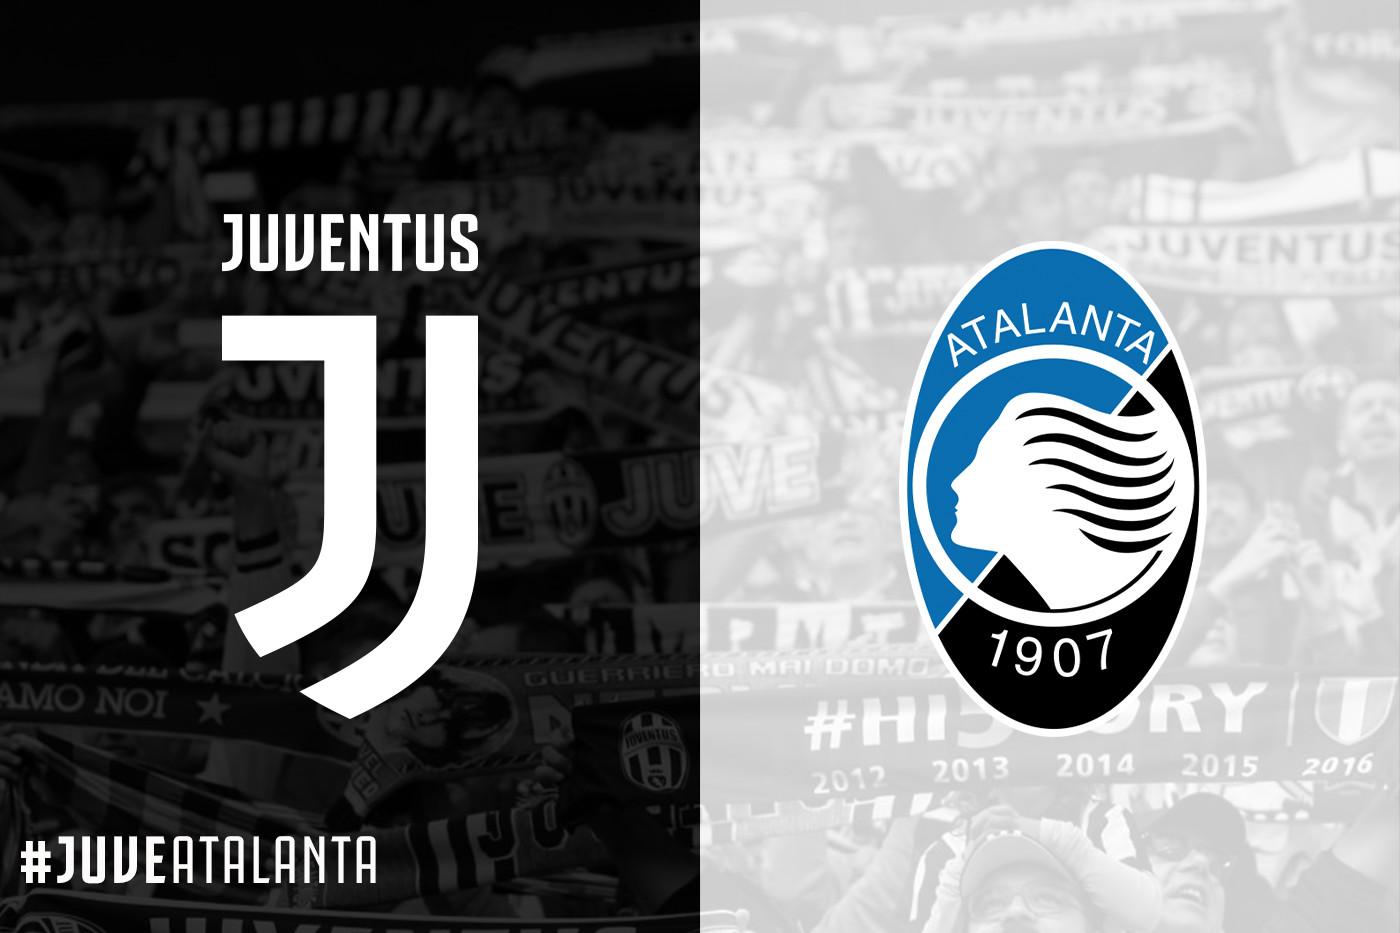 Nhận định Juventus vs Atalanta 00h00, 15/03: Kịch bản dễ đoán